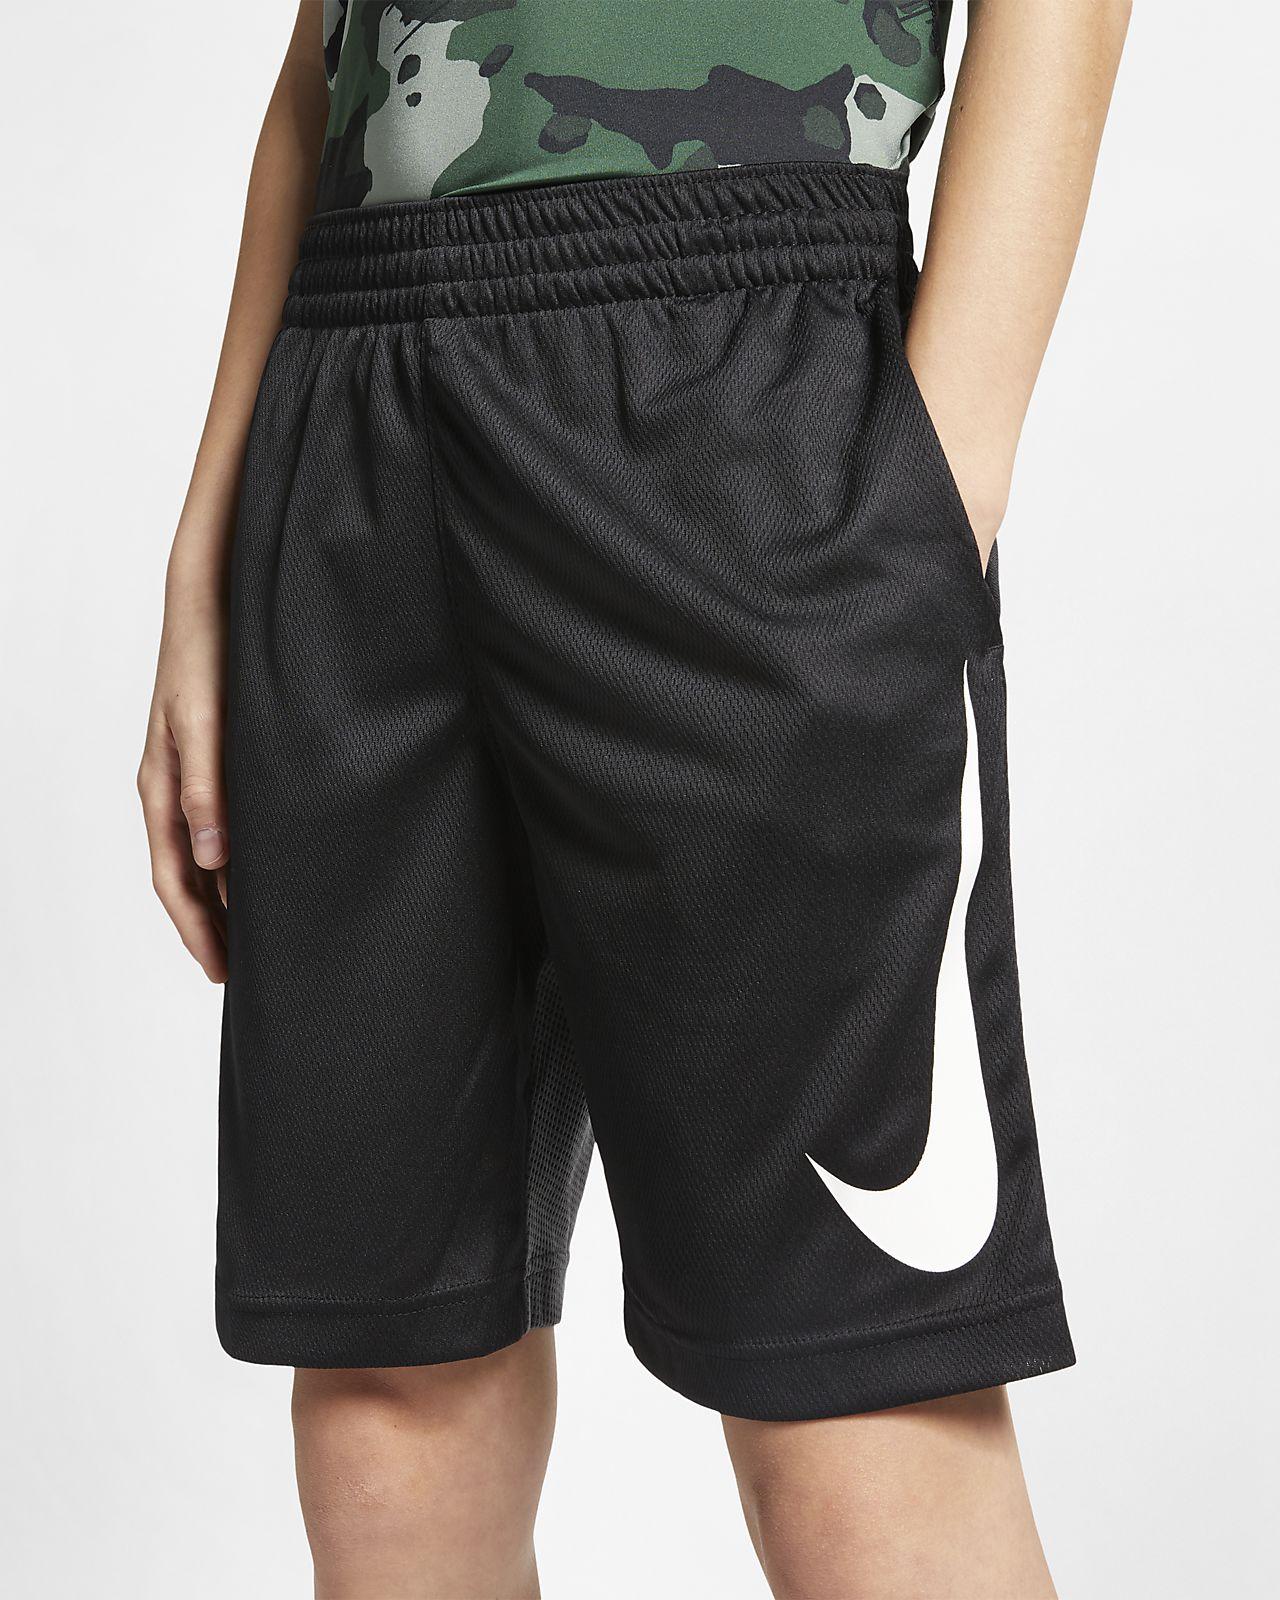 กางเกงบาสเก็ตบอลขาสั้นเด็กโต Nike Dri-FIT (ชาย)